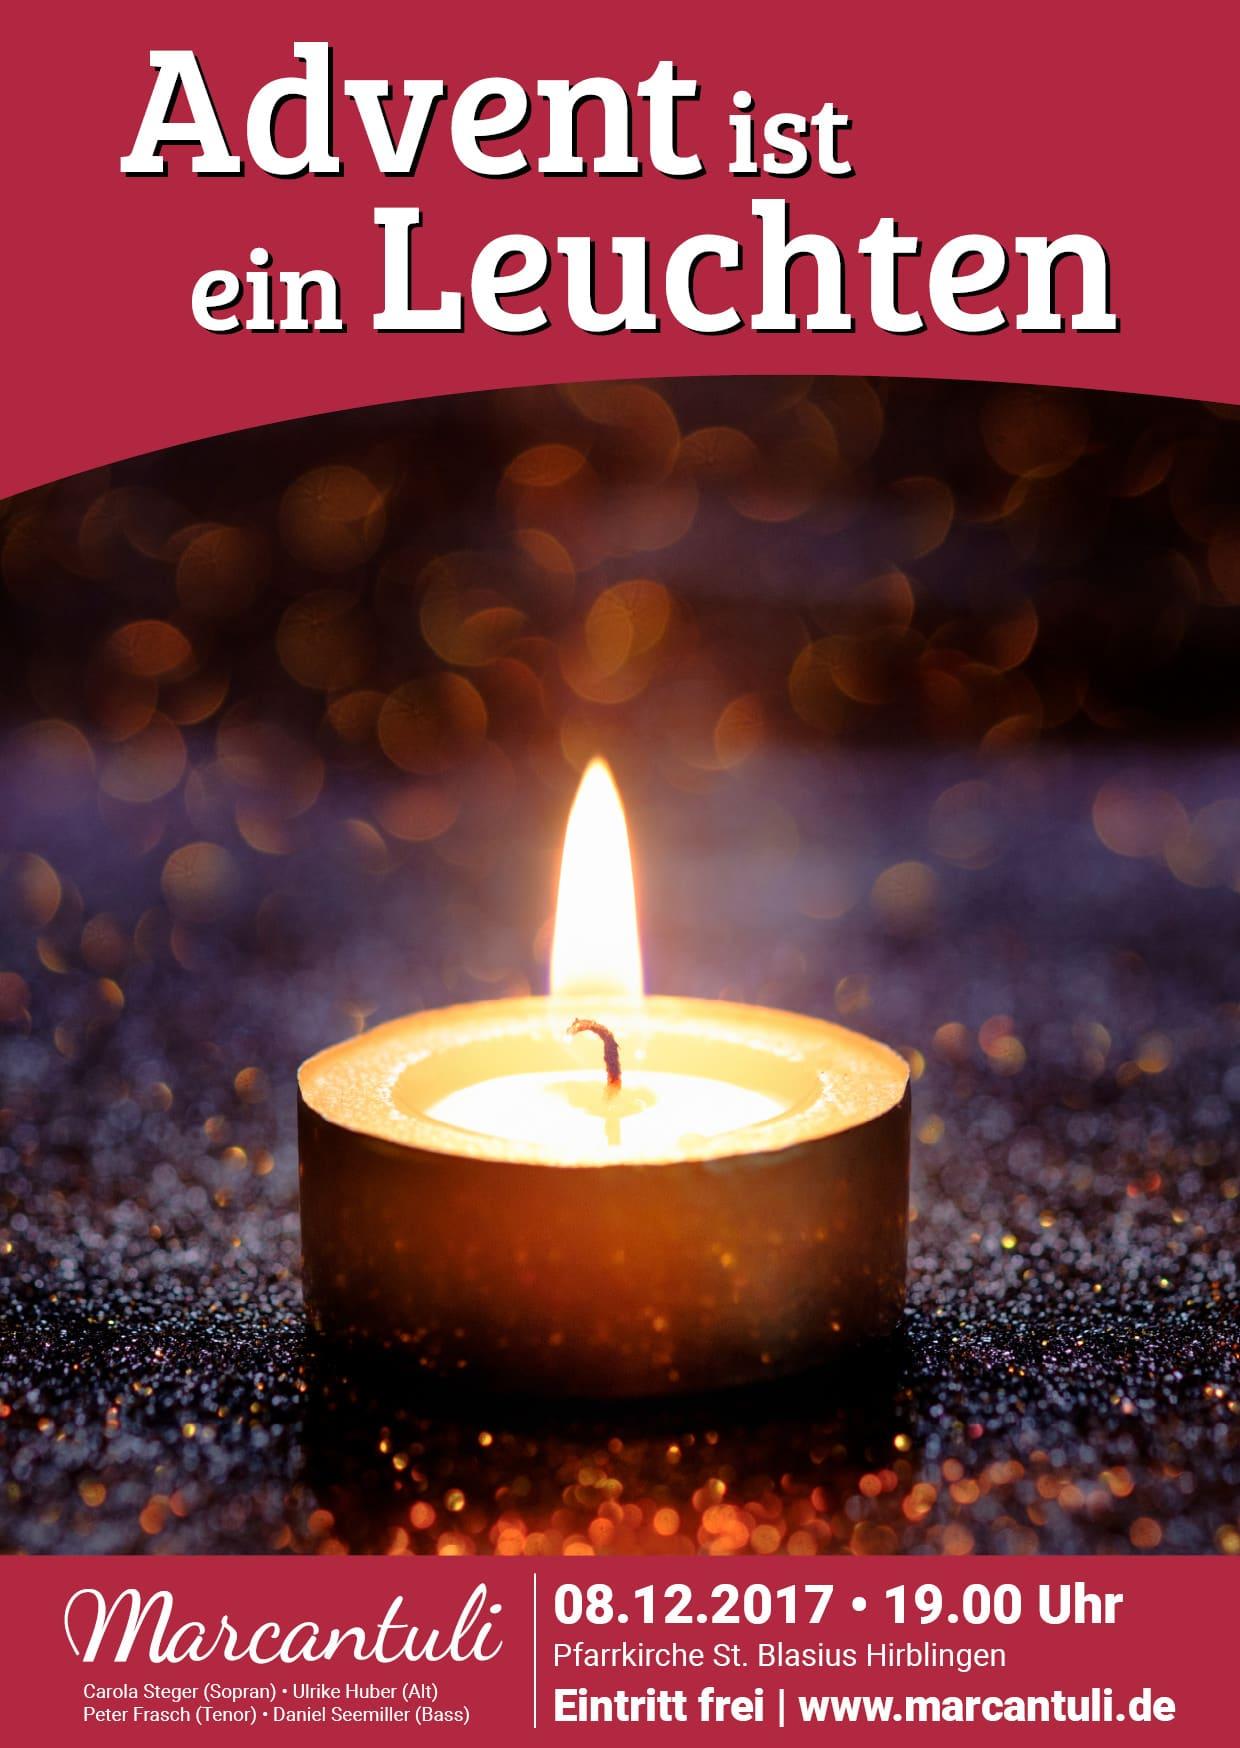 Marcantuli - Advent ist ein Leuchten